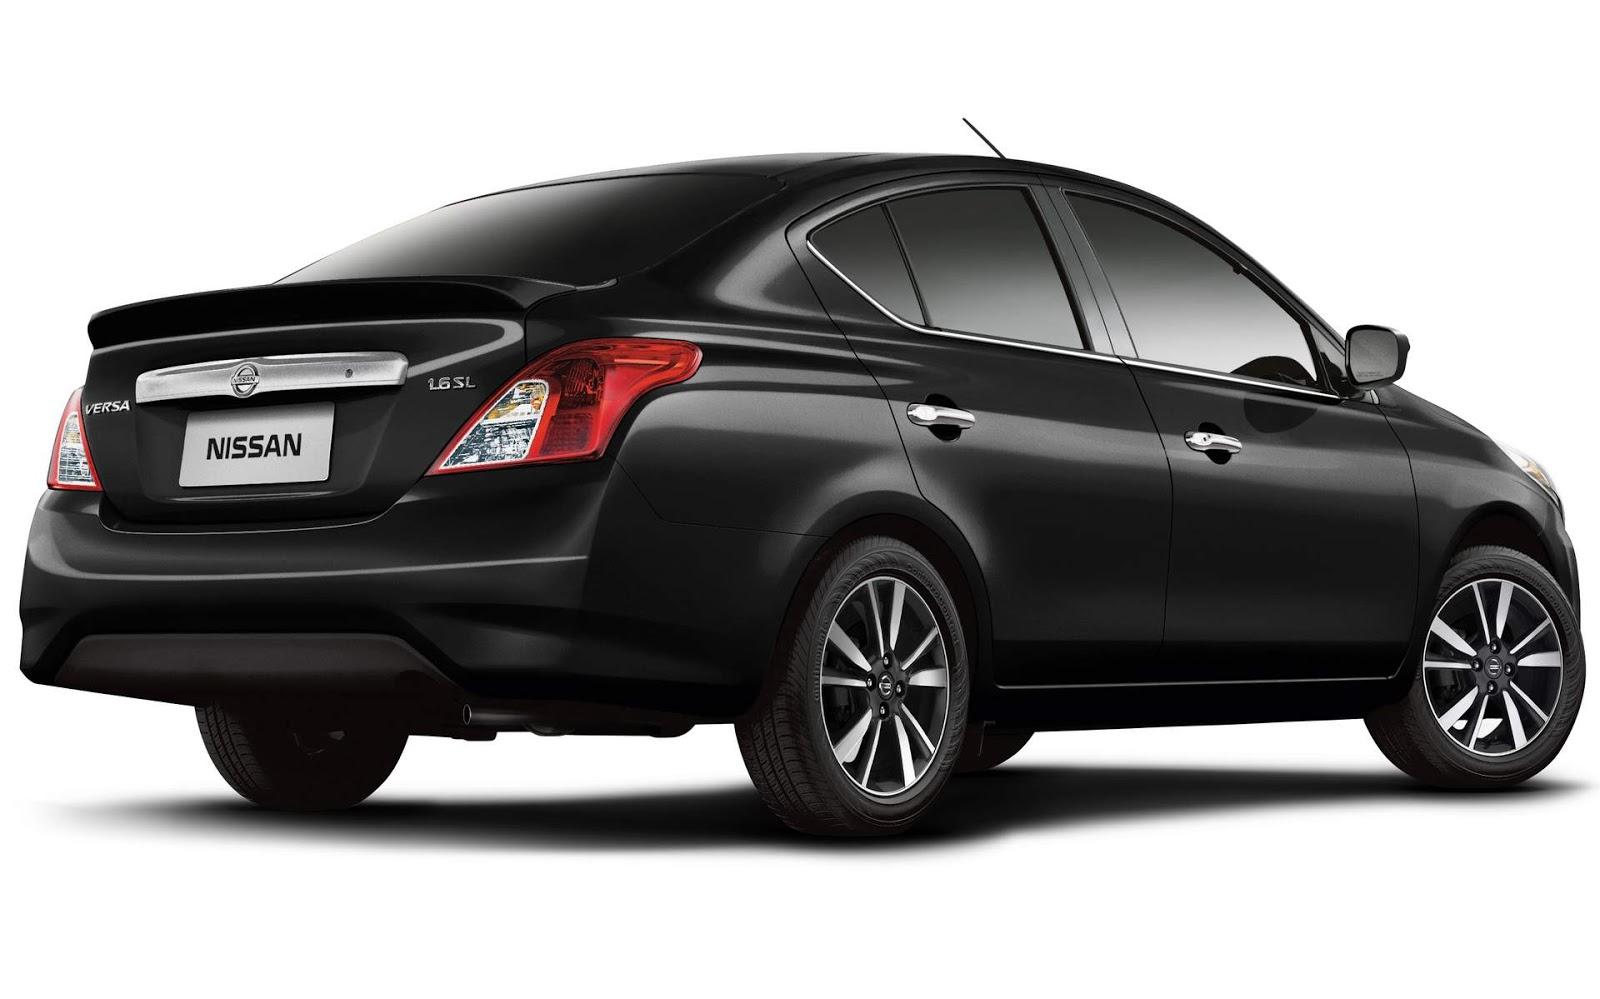 Nissan Versa 2019 Caracter 237 Sticas Ficha T 233 Cnica Carro